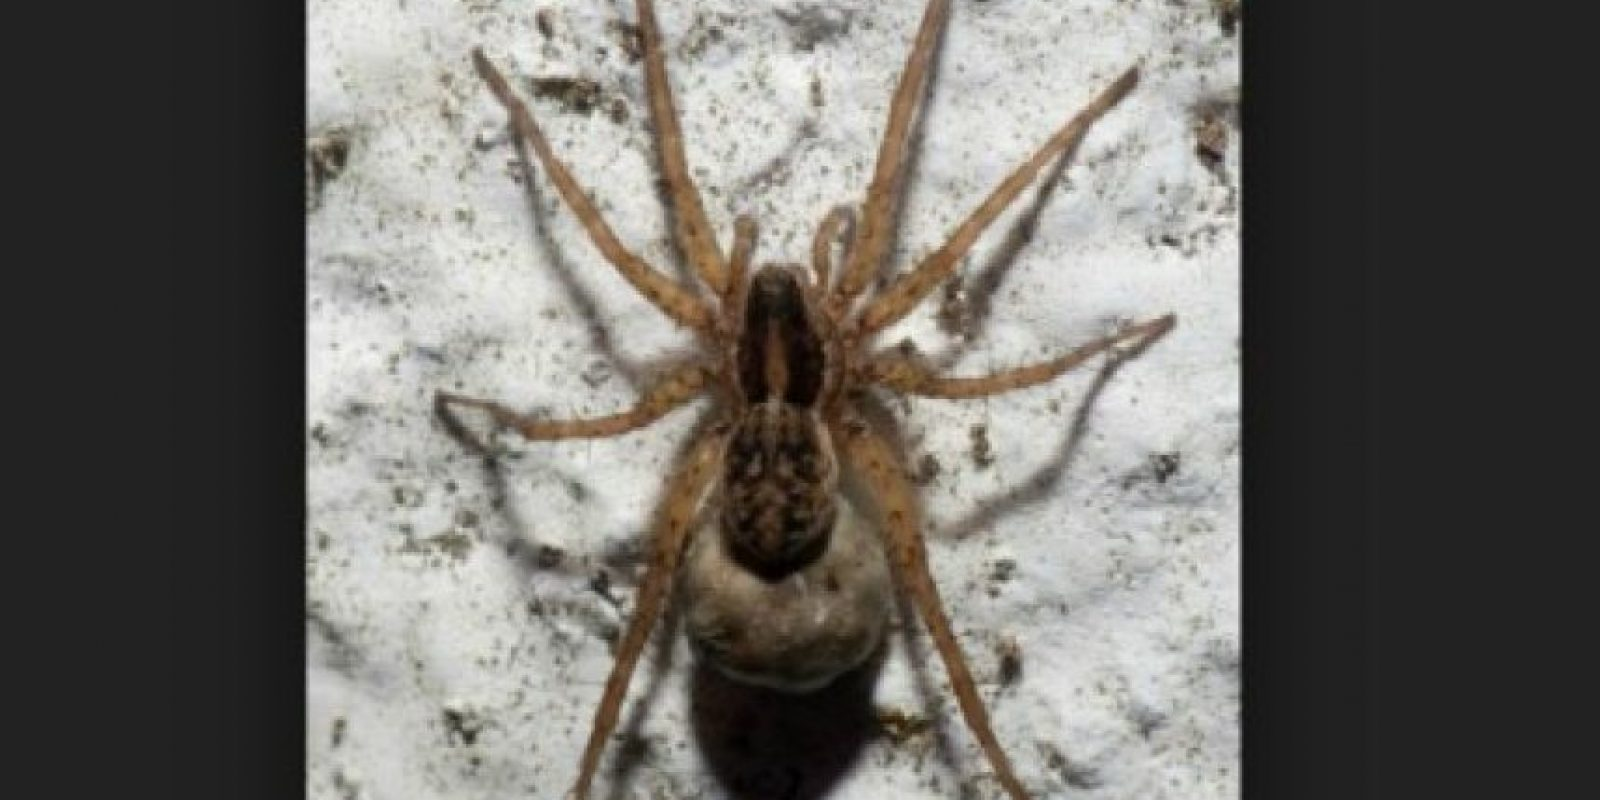 Araña de saco: tiene una citotoxina que puede matar a las células vivas en las áreas afectadas. Y puede dejar una huella desagradable en torno a la picadura. Foto:commons.wikimedia.org